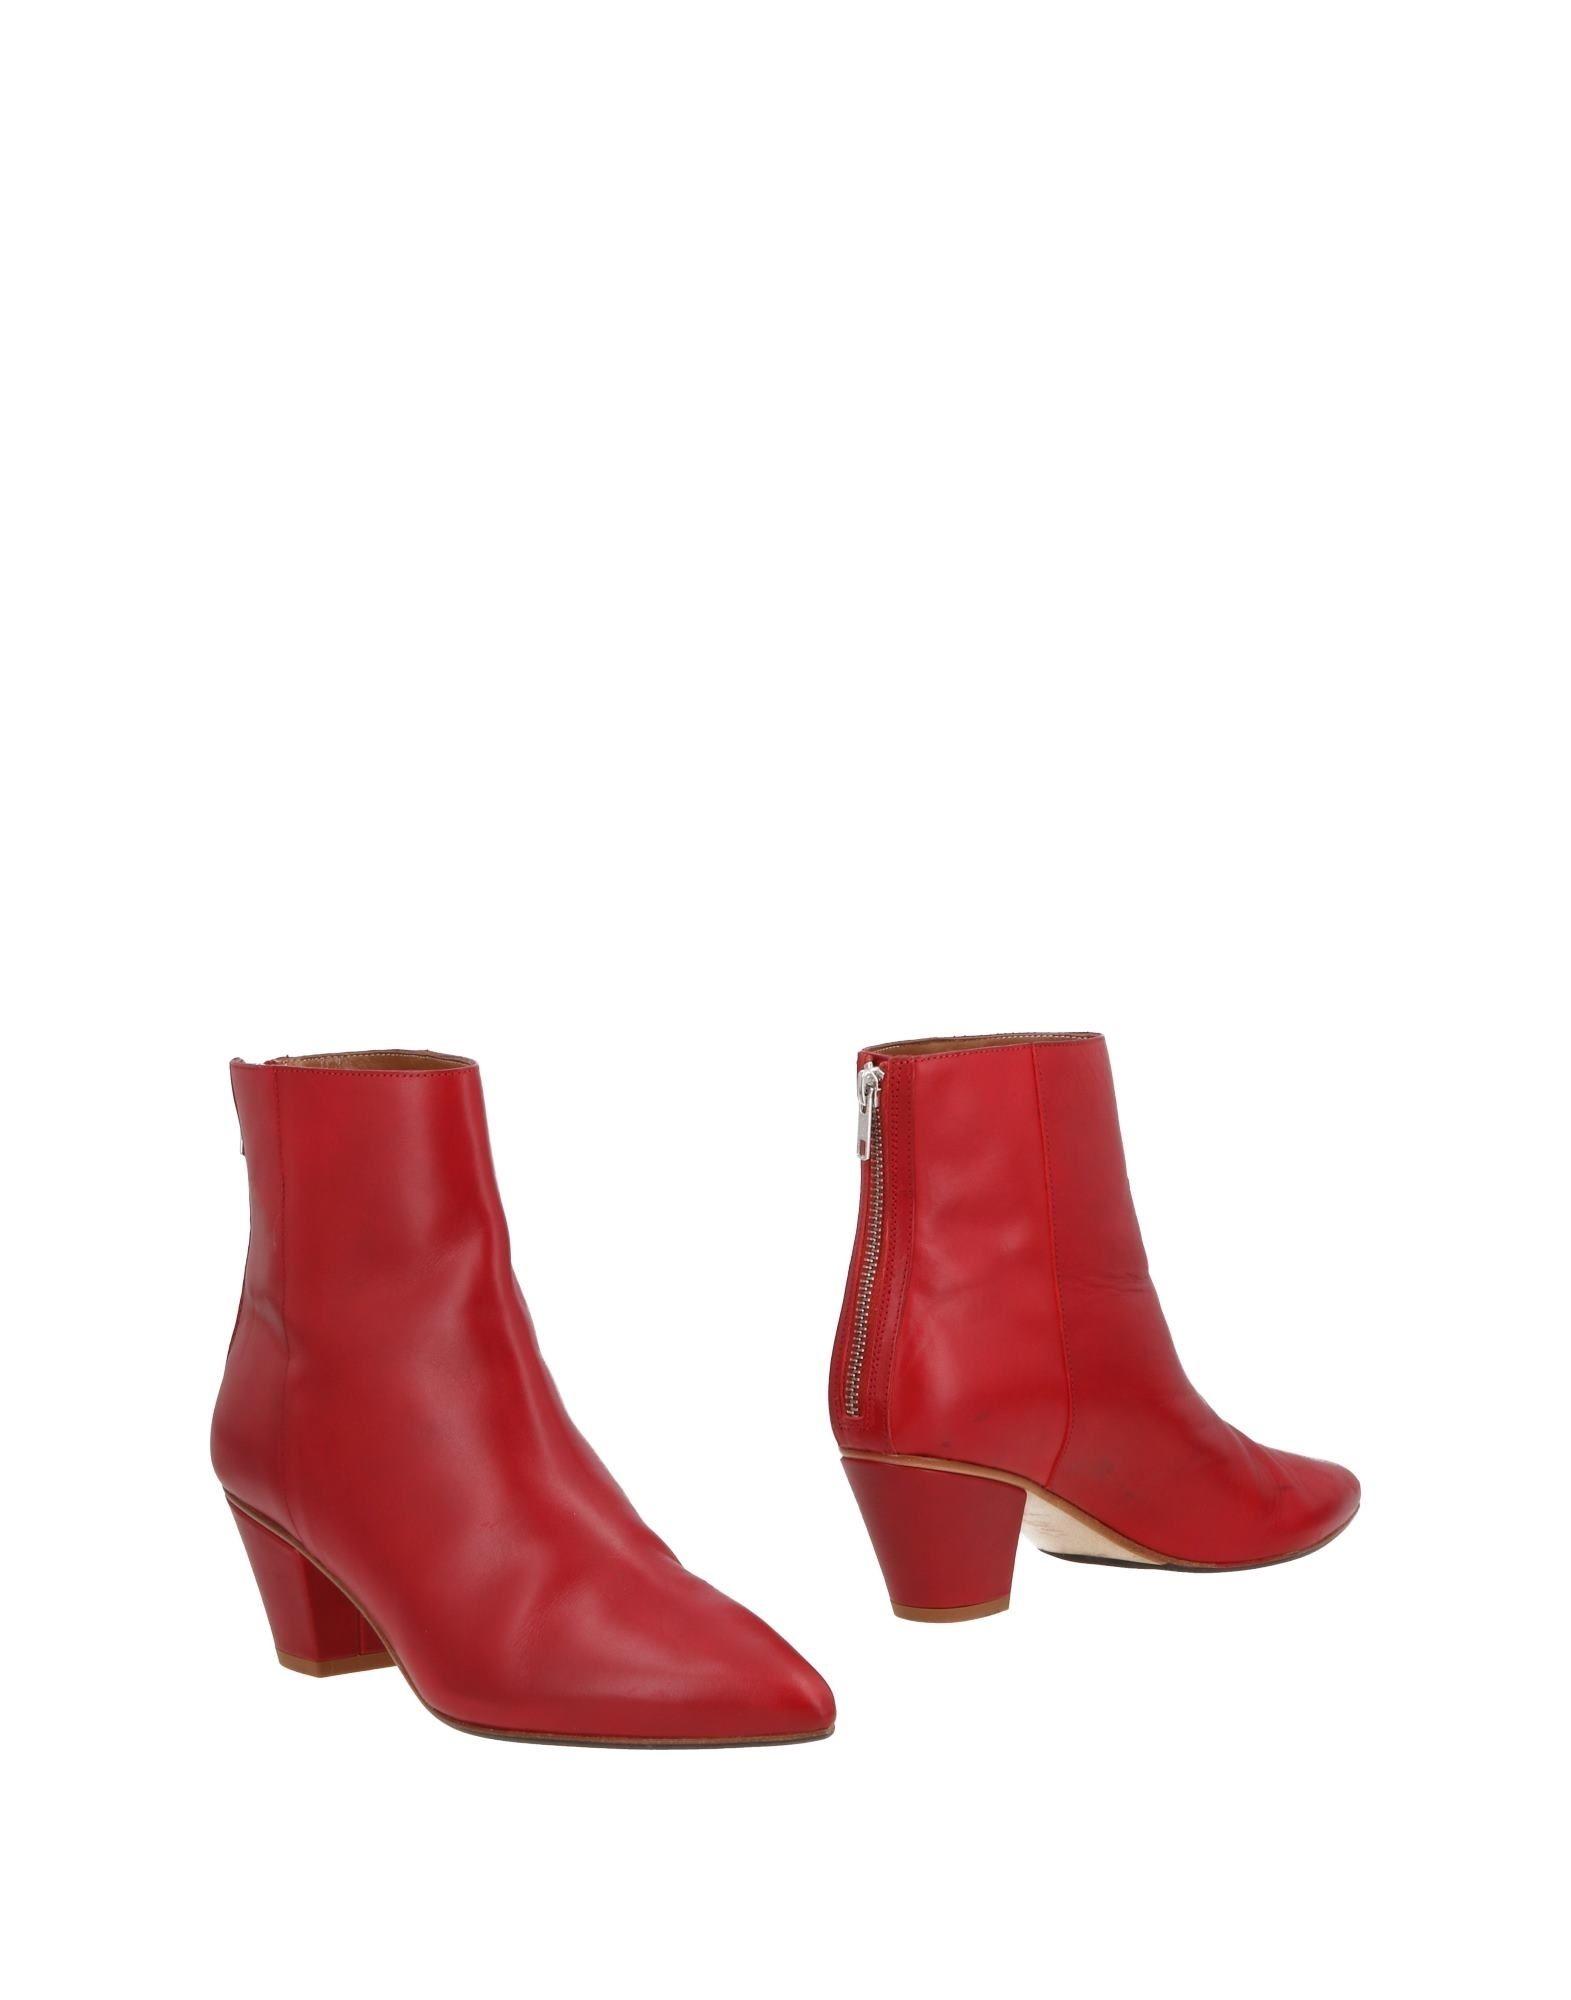 Atp Atelier Stiefelette aussehende Damen  11496267RAGut aussehende Stiefelette strapazierfähige Schuhe df9f52